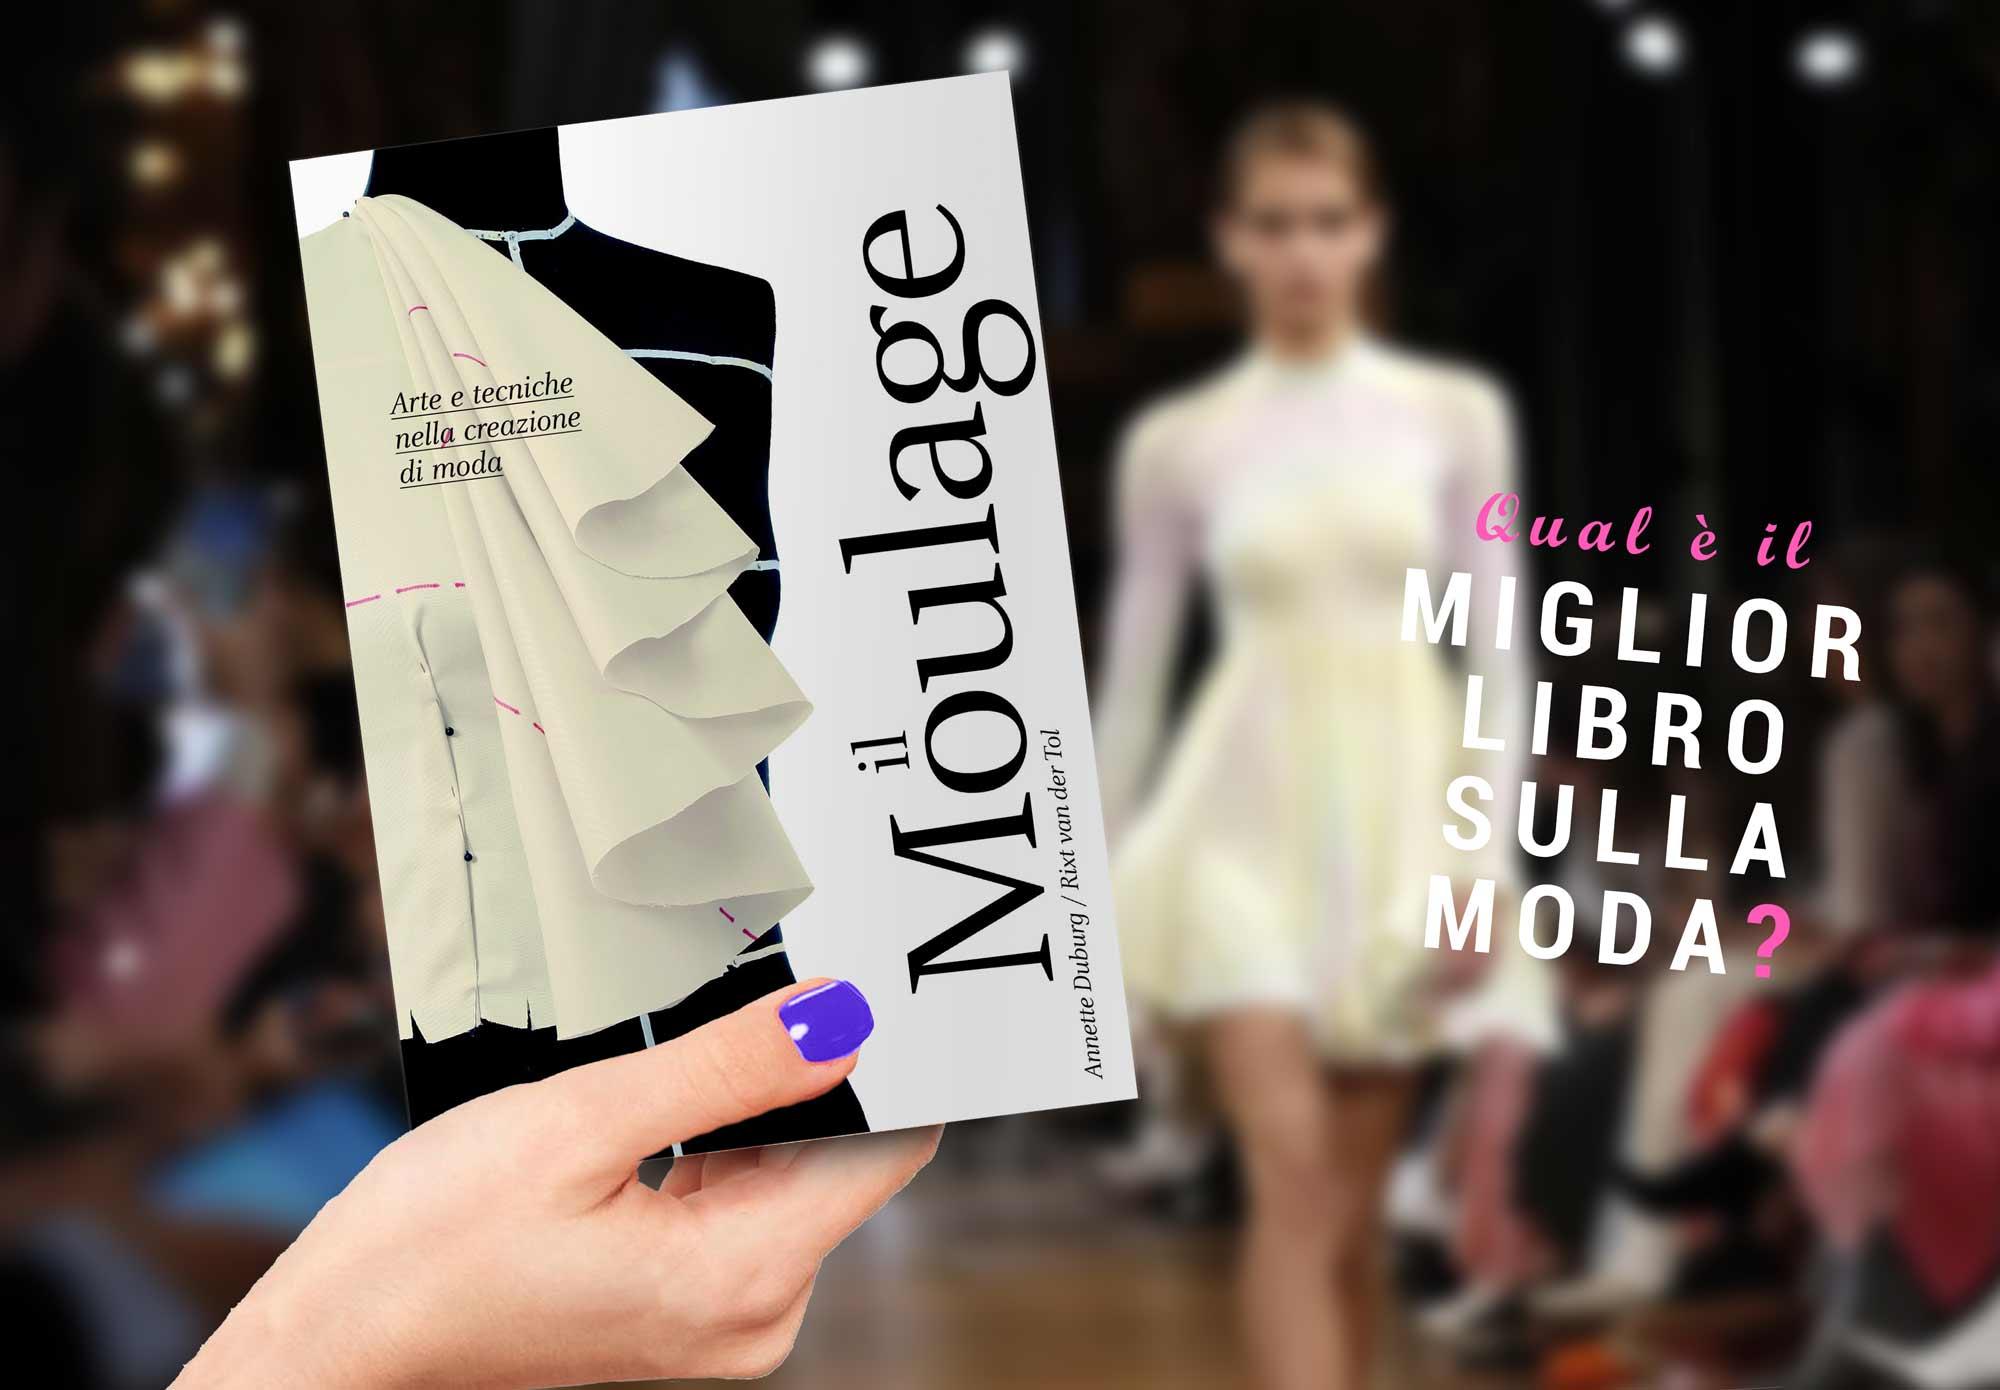 miglior-libro-sulla-moda